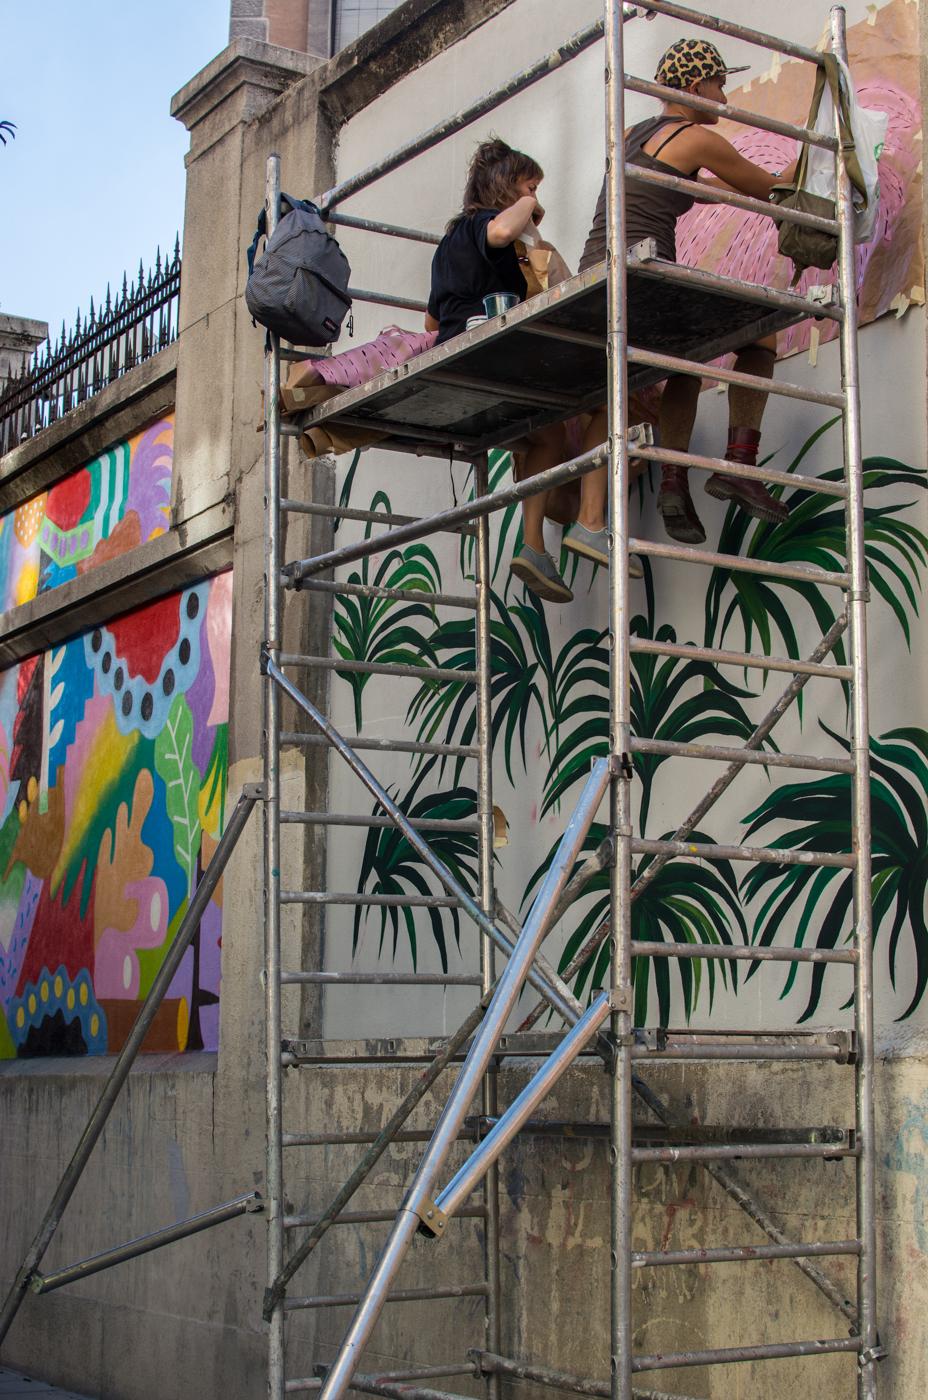 Btoy - MurosTabacalera by Guillermo de la Madrid - Madrid Street Art Project-18.jpg